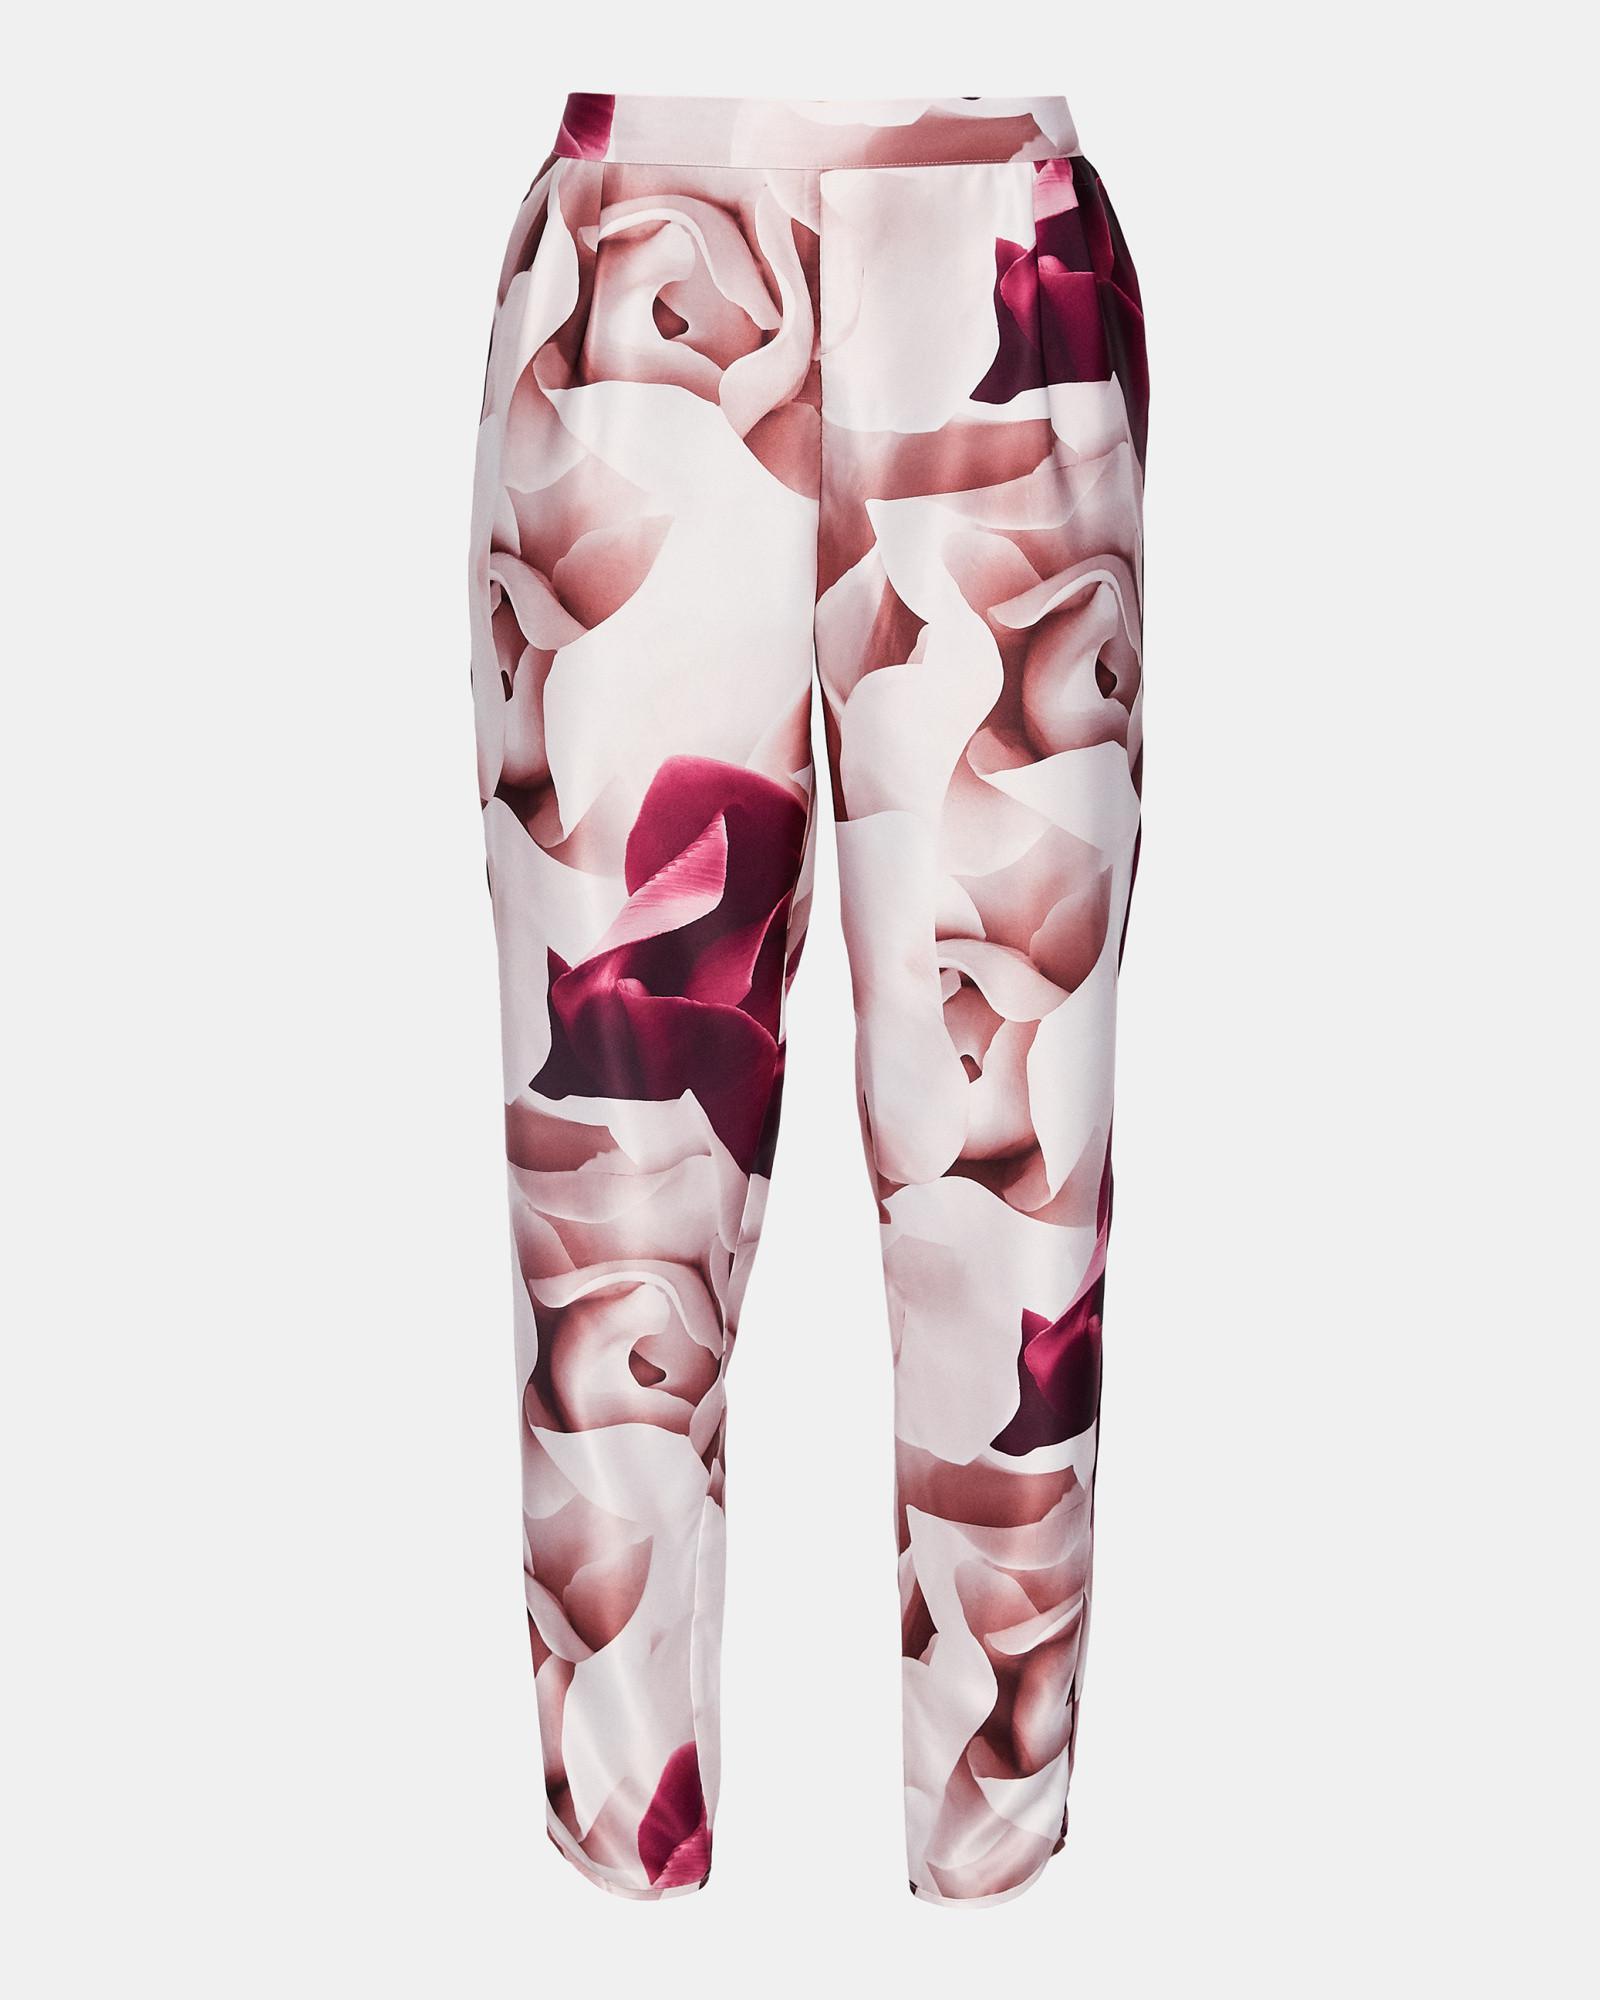 0a7cd4cab486 Ted Baker Porcelain Rose Pyjama Bottoms in Pink - Lyst